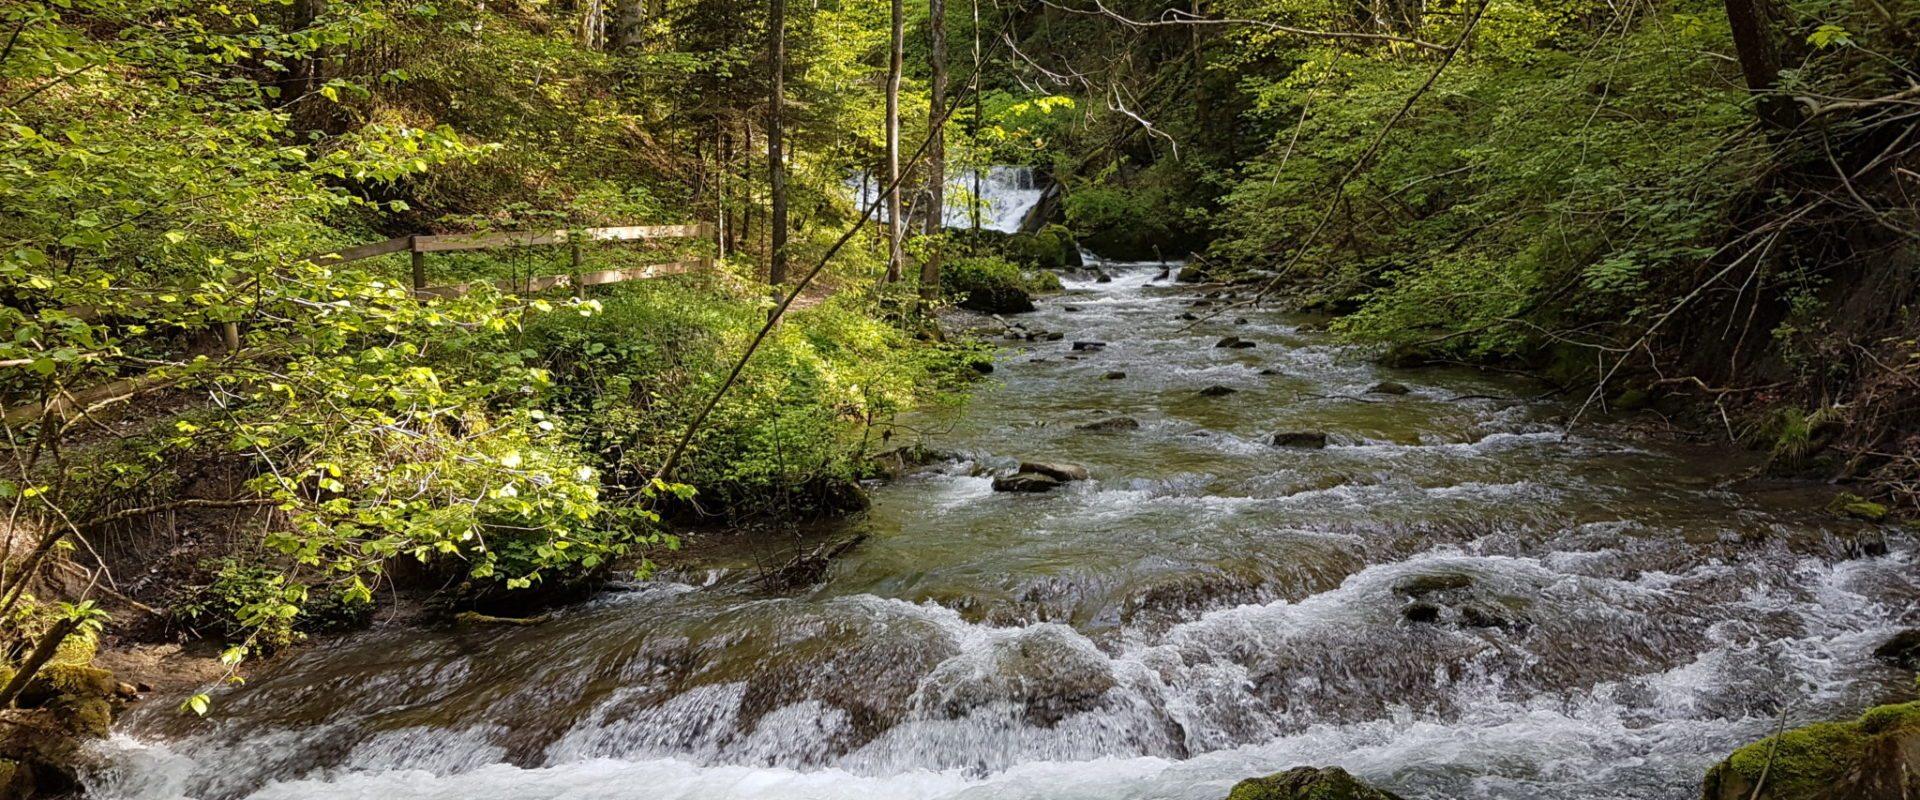 Wasserfälle in Andelsbuch © Cornelia Kriegner (3)